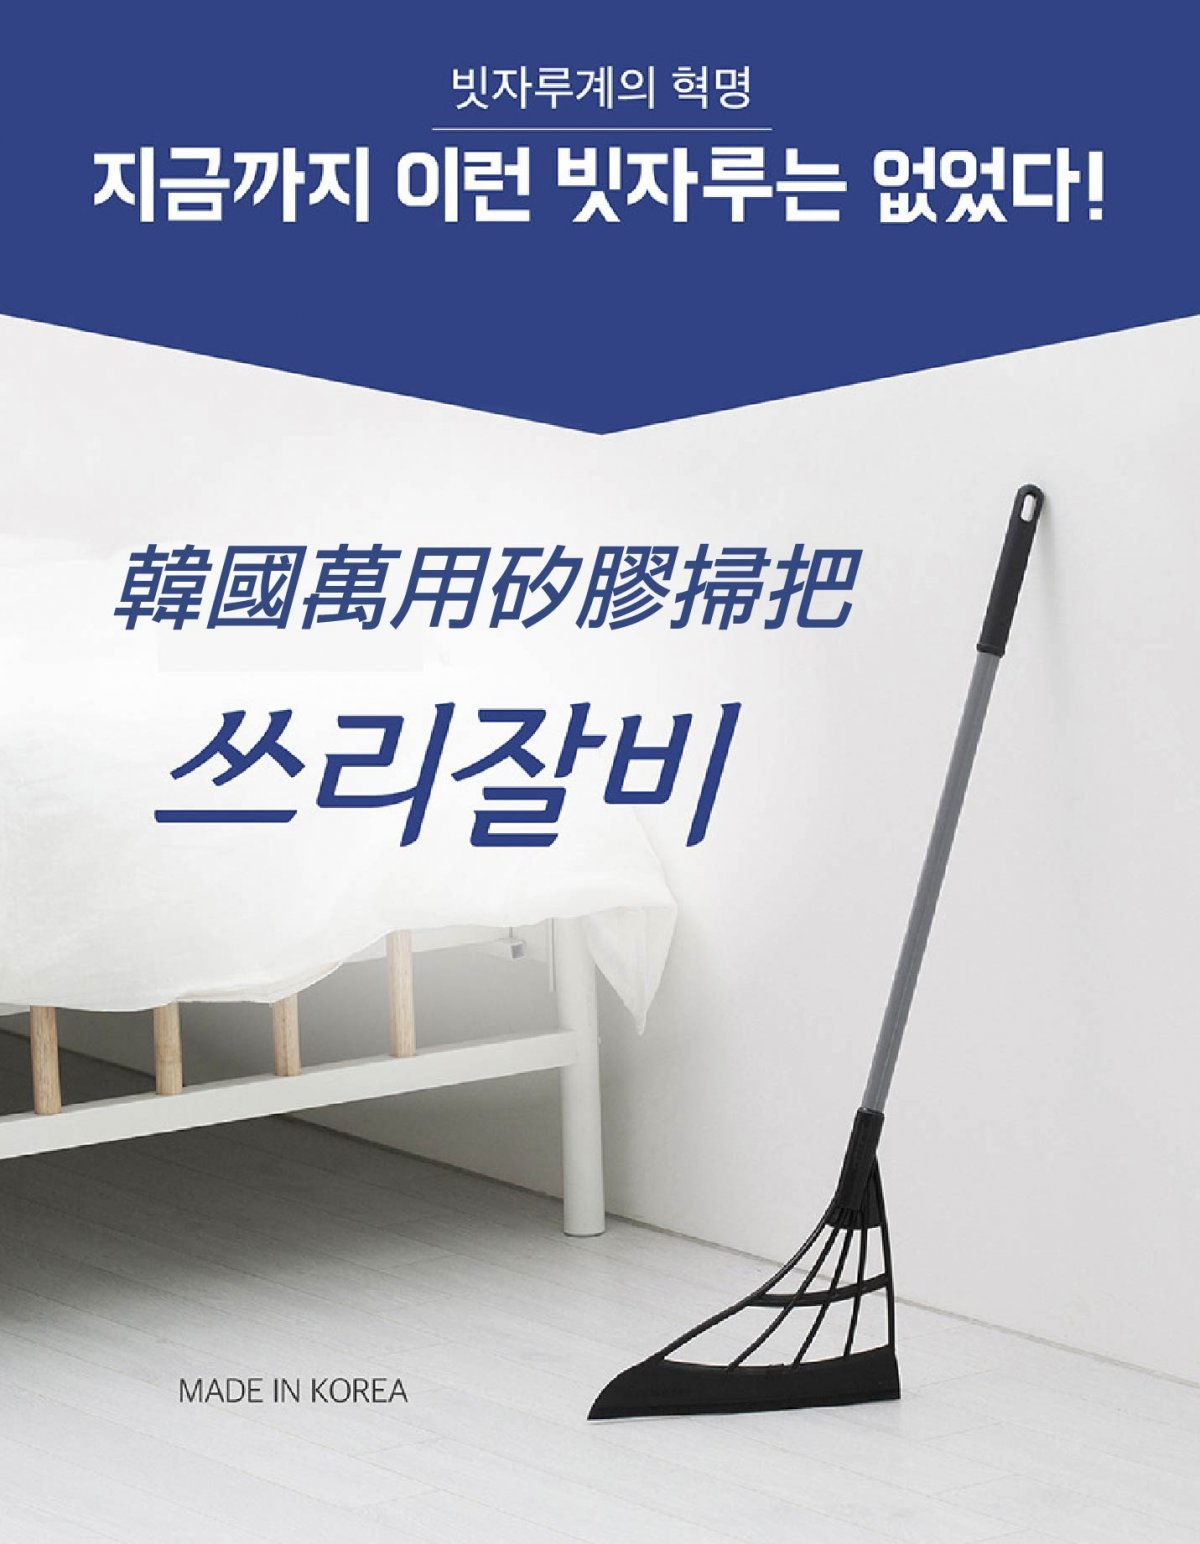 韓國萬用矽膠掃把,超級掃把